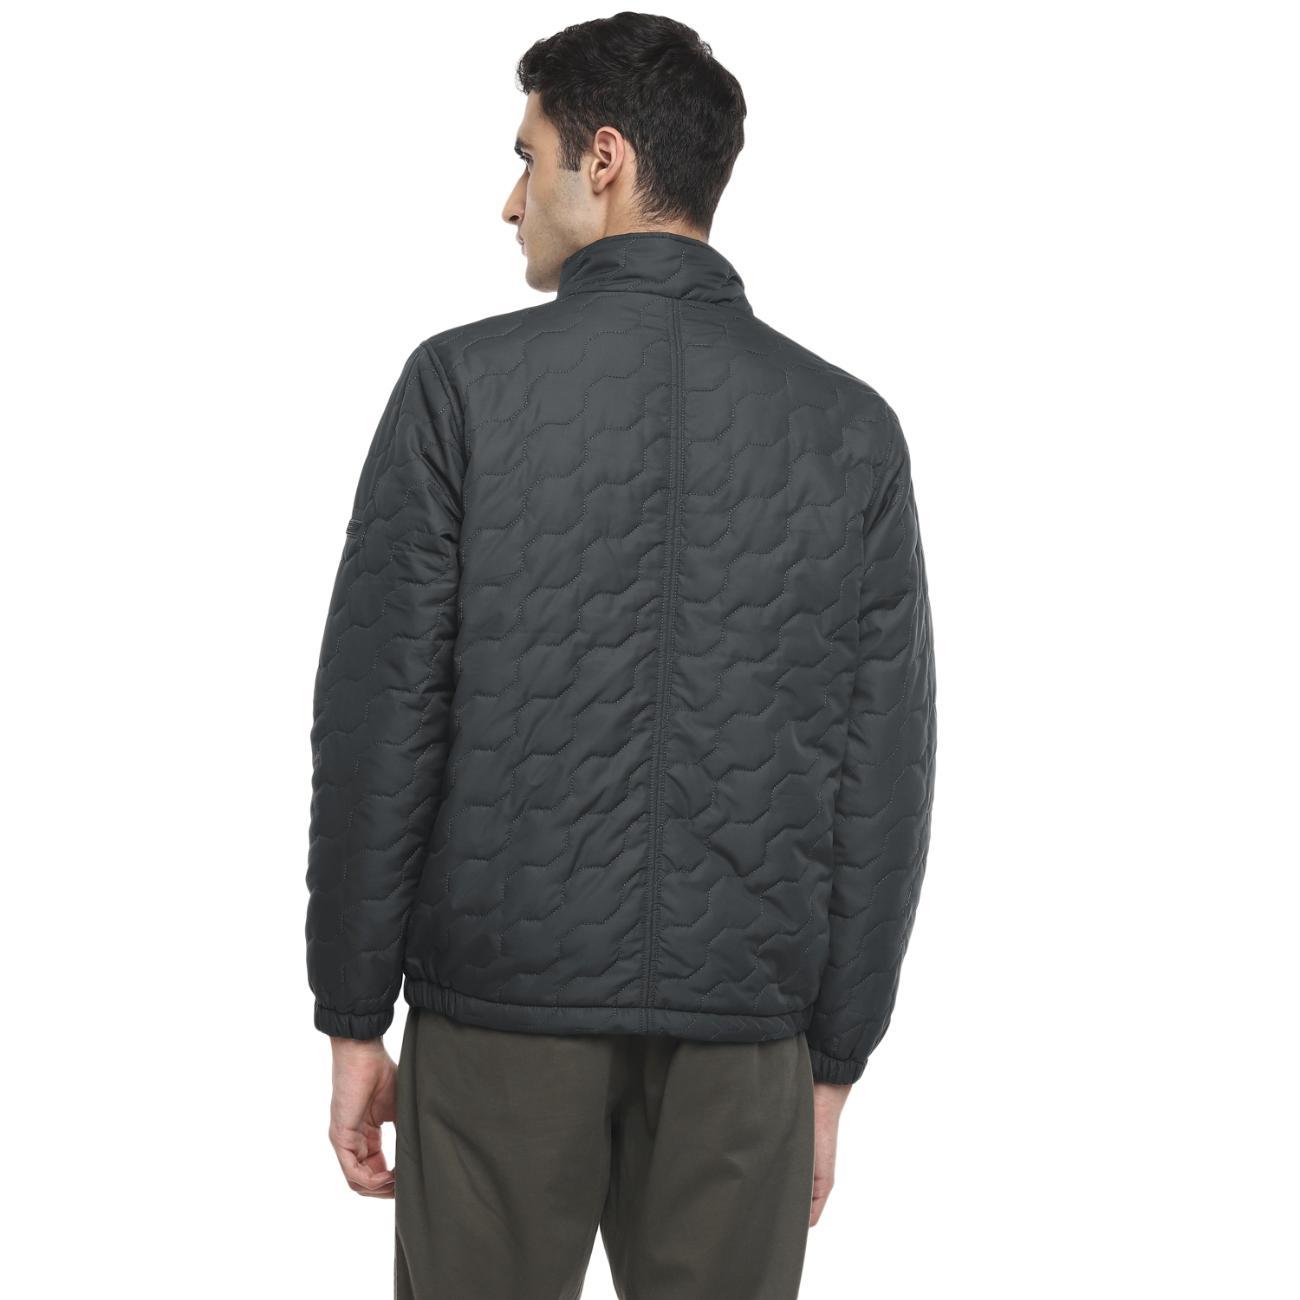 Buy Grey Jacket For Men Online